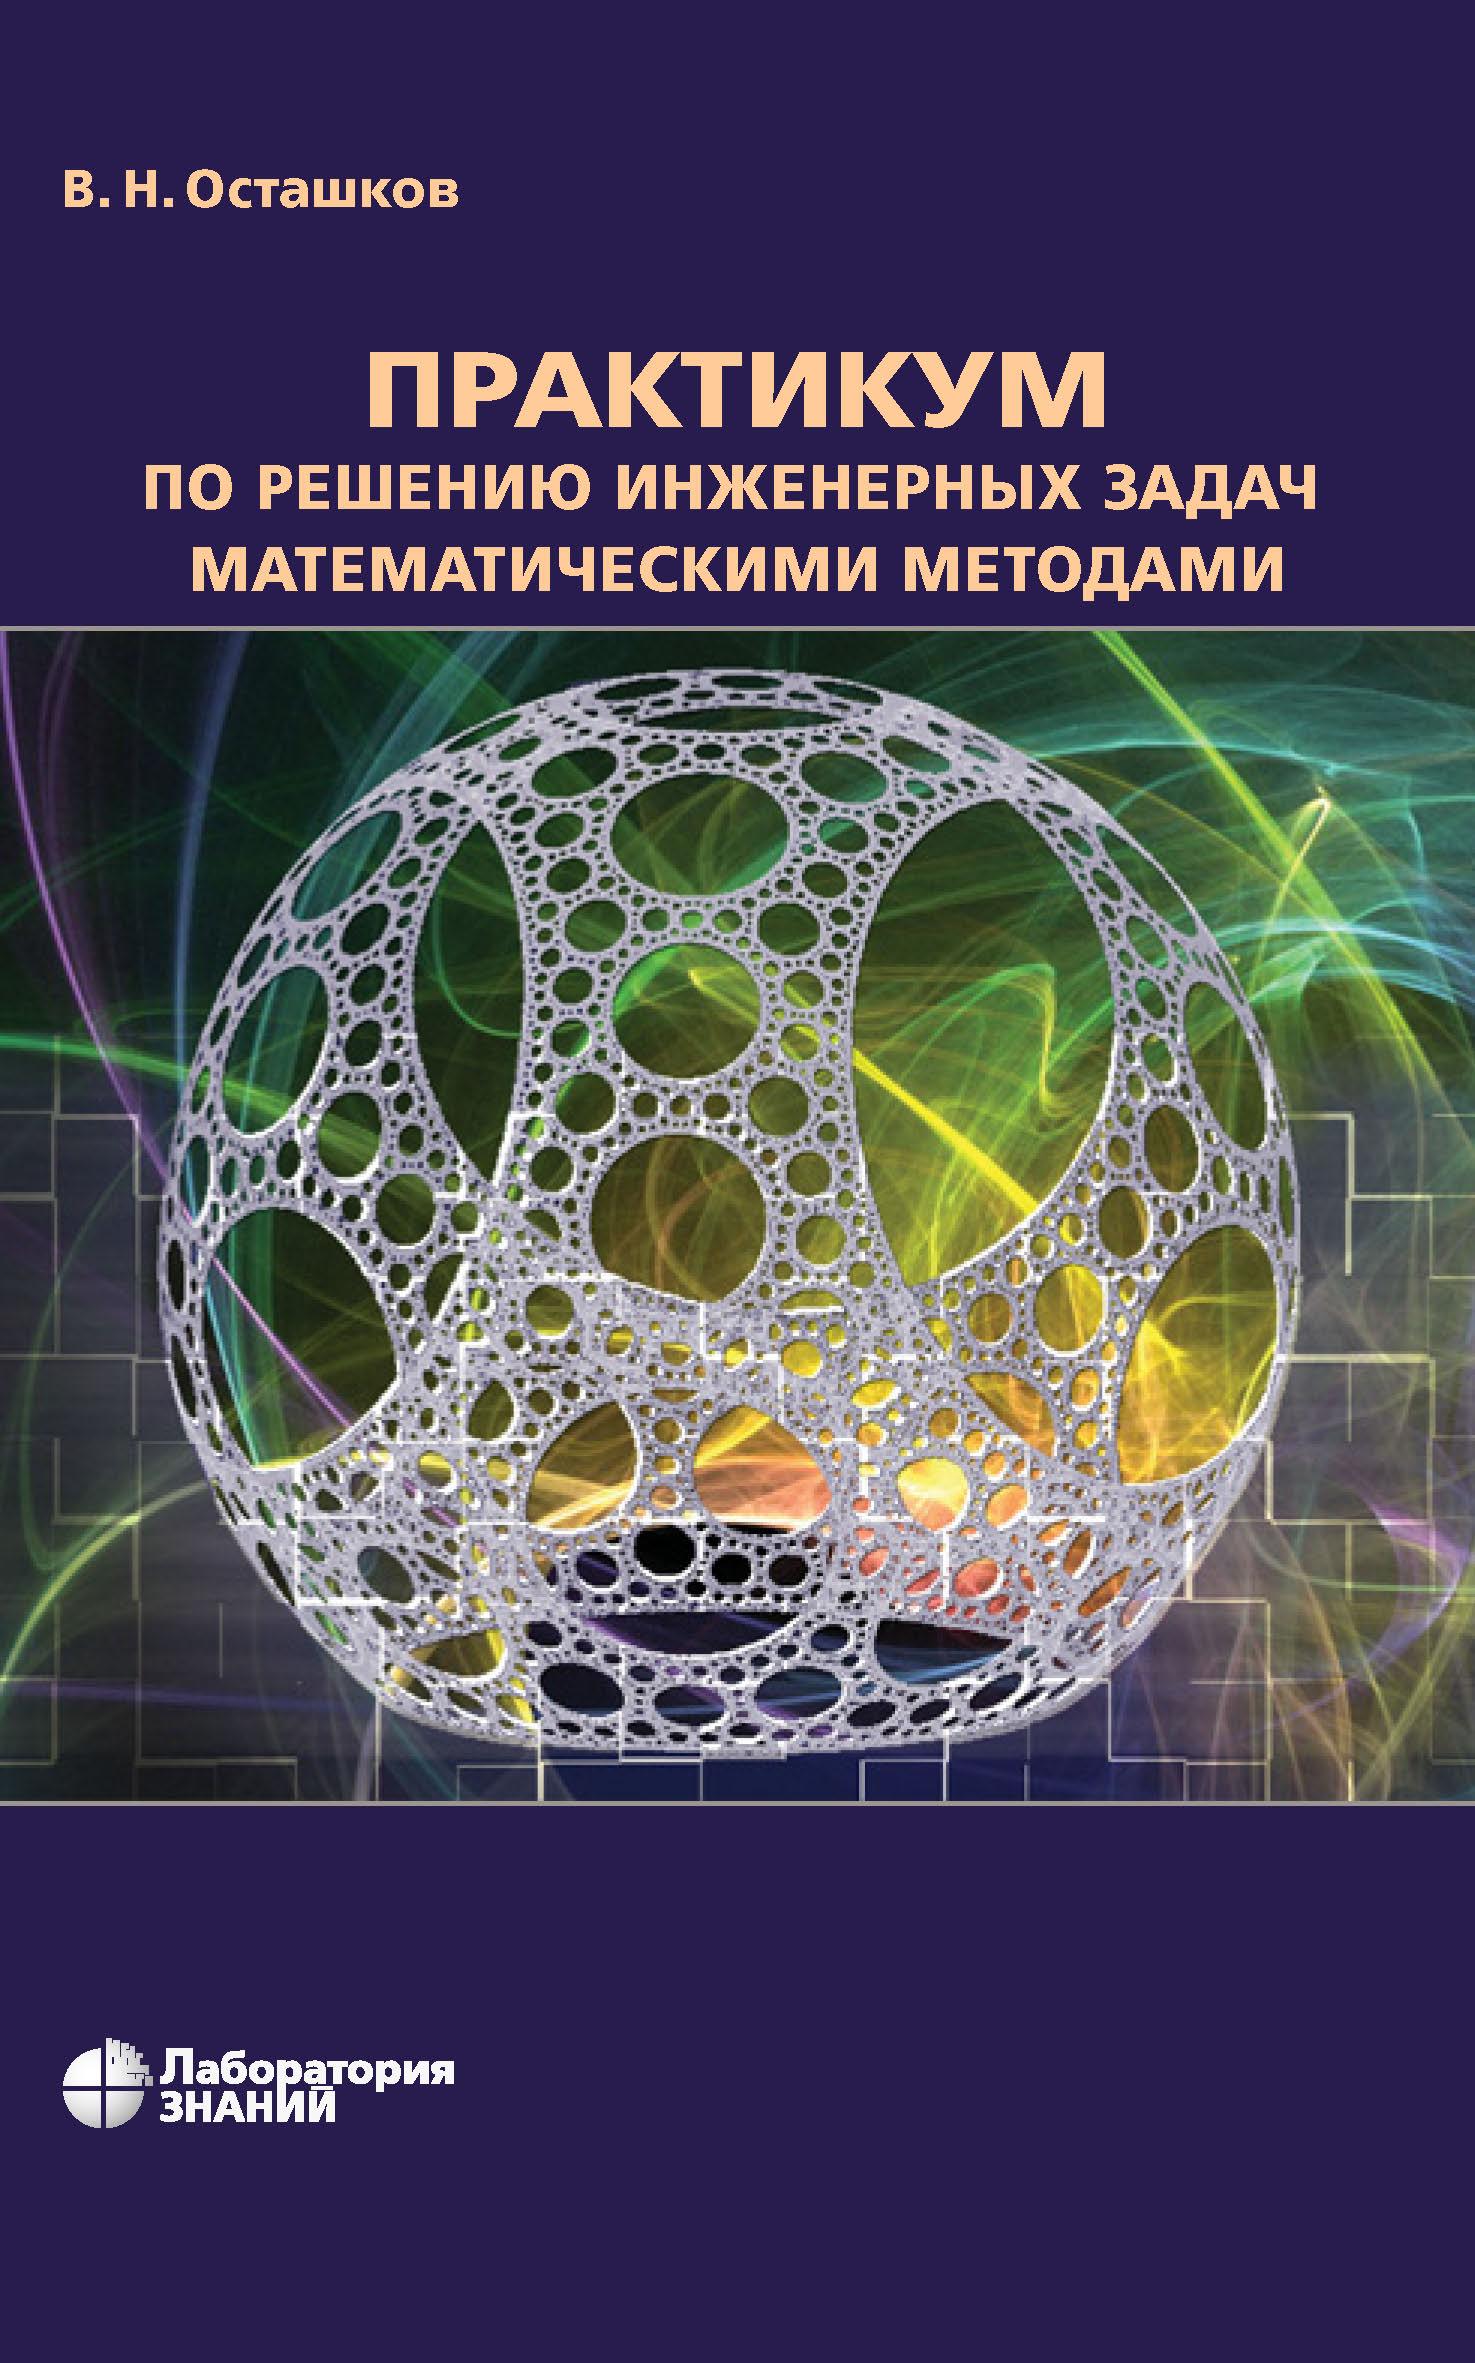 В. Н. Осташков Практикум по решению инженерных задач математическими методами в п апсин практикум по решению инженерных задач часть i нормирование расхода топлива и смазочных материалов